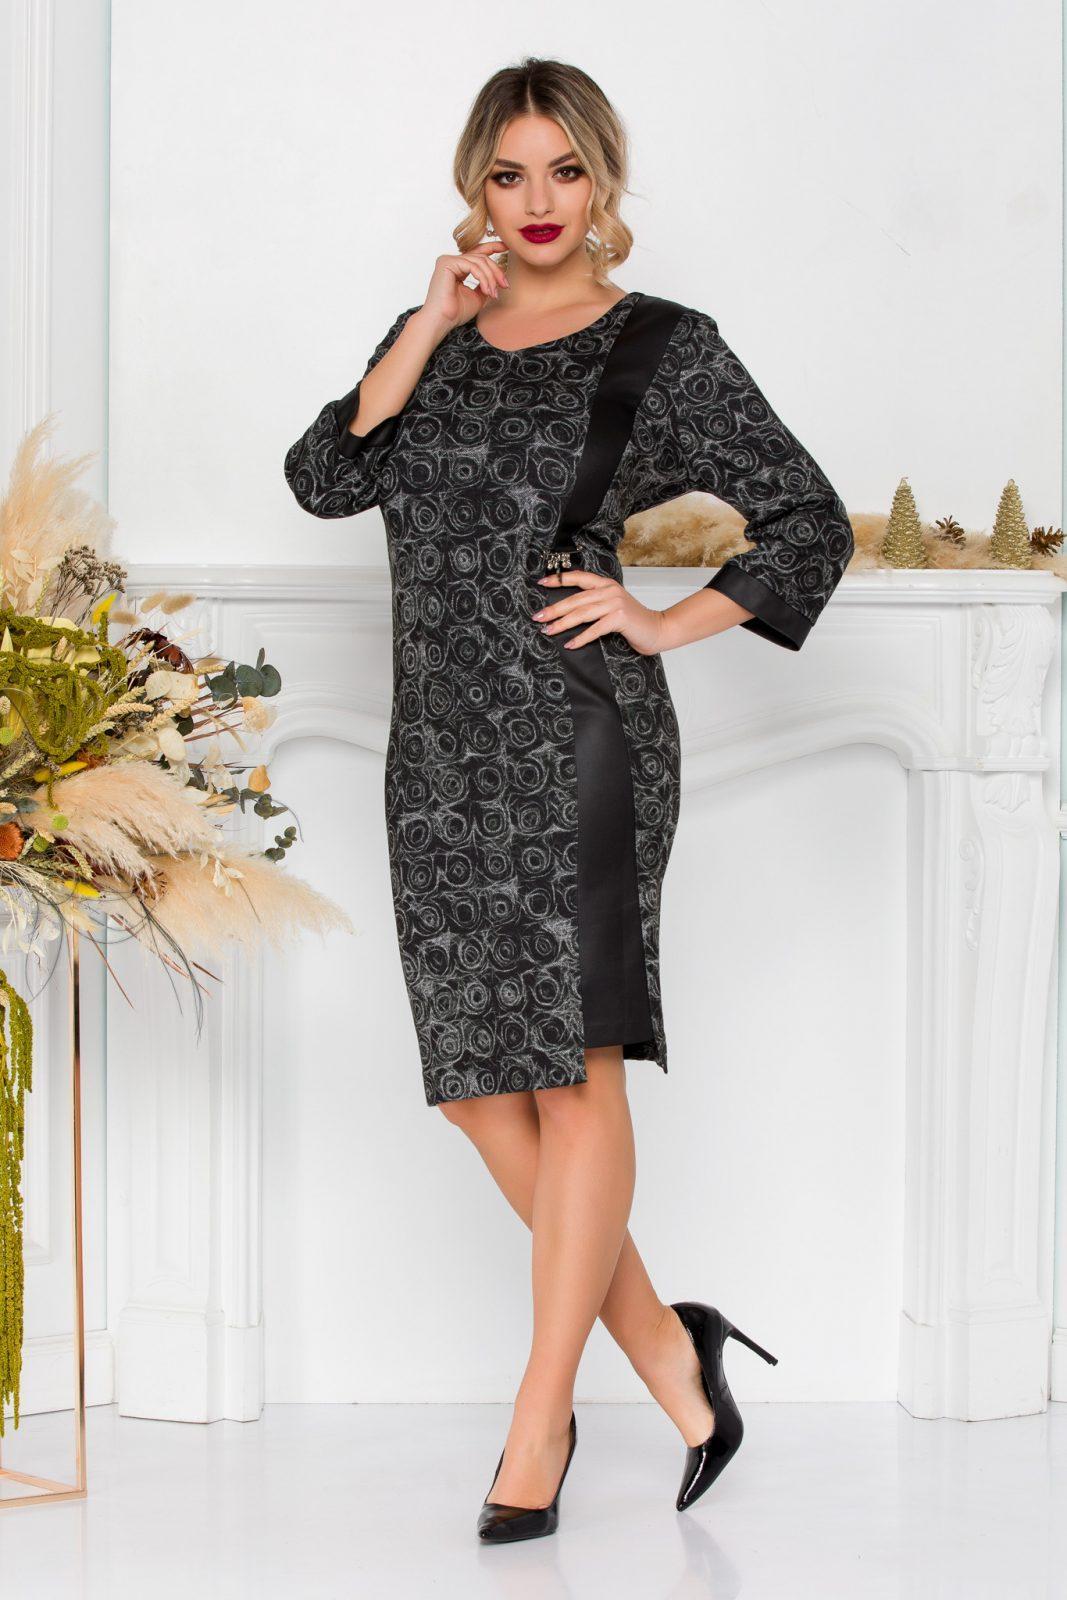 Μαύρο Πλεκτό Φόρεμα Με Δερματίνη Katalina 8910 3